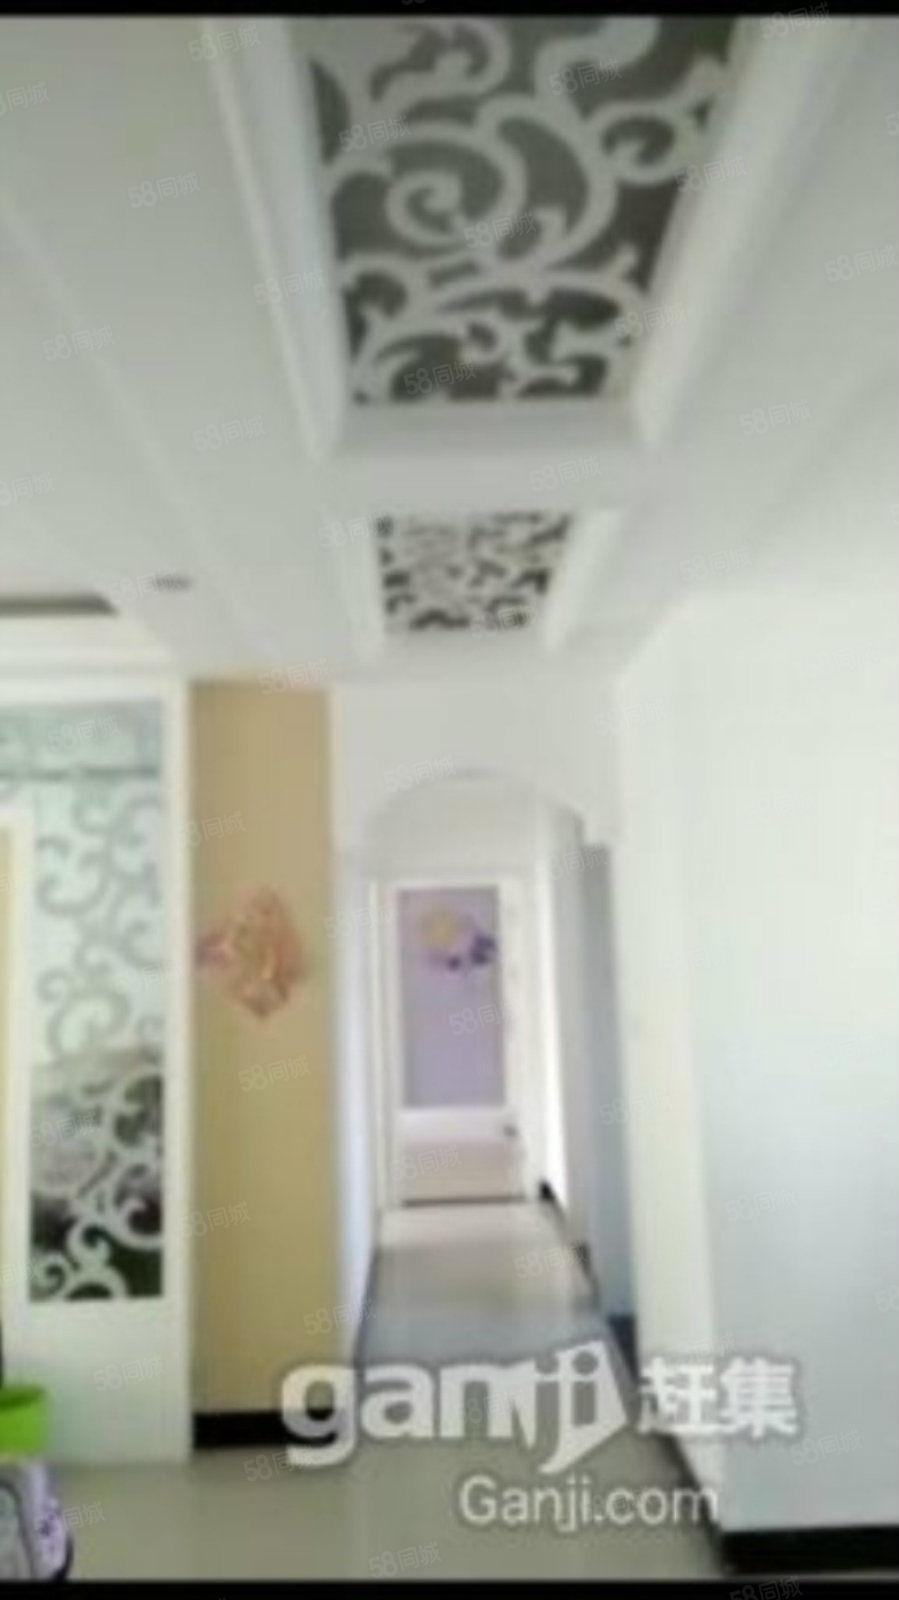 鳳山官邸低三室兩廳房子設計合理精裝拎包入住